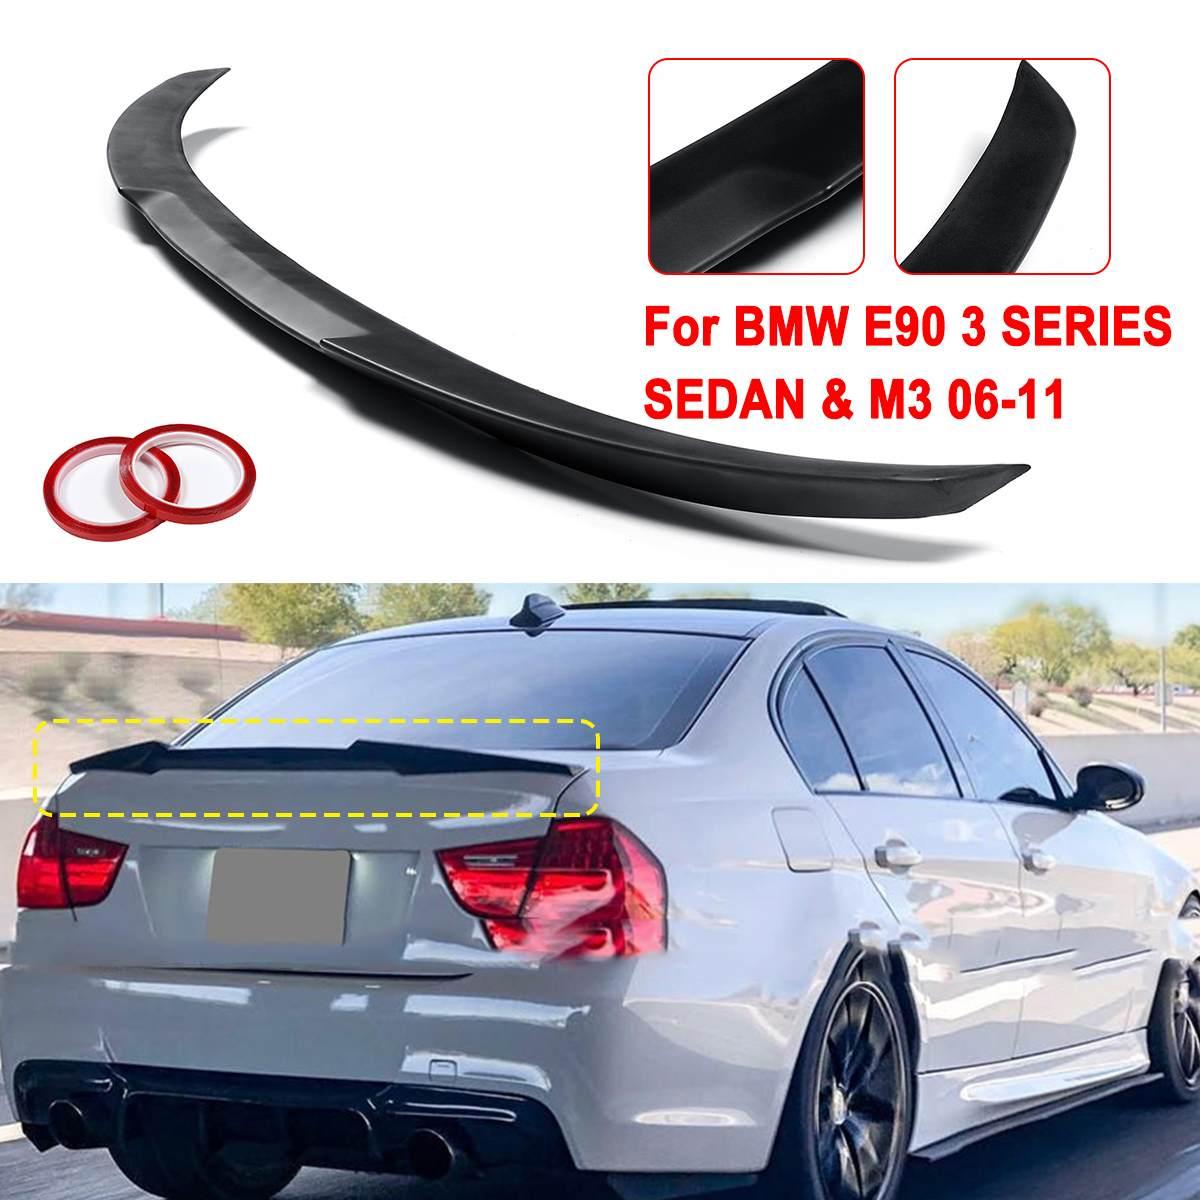 Mate/brillante Negro/fibra de carbono estilo ABS alerón del maletero M4-STYLE para 2006-2011 para BMW E90 serie 3 y M3 2008-2012